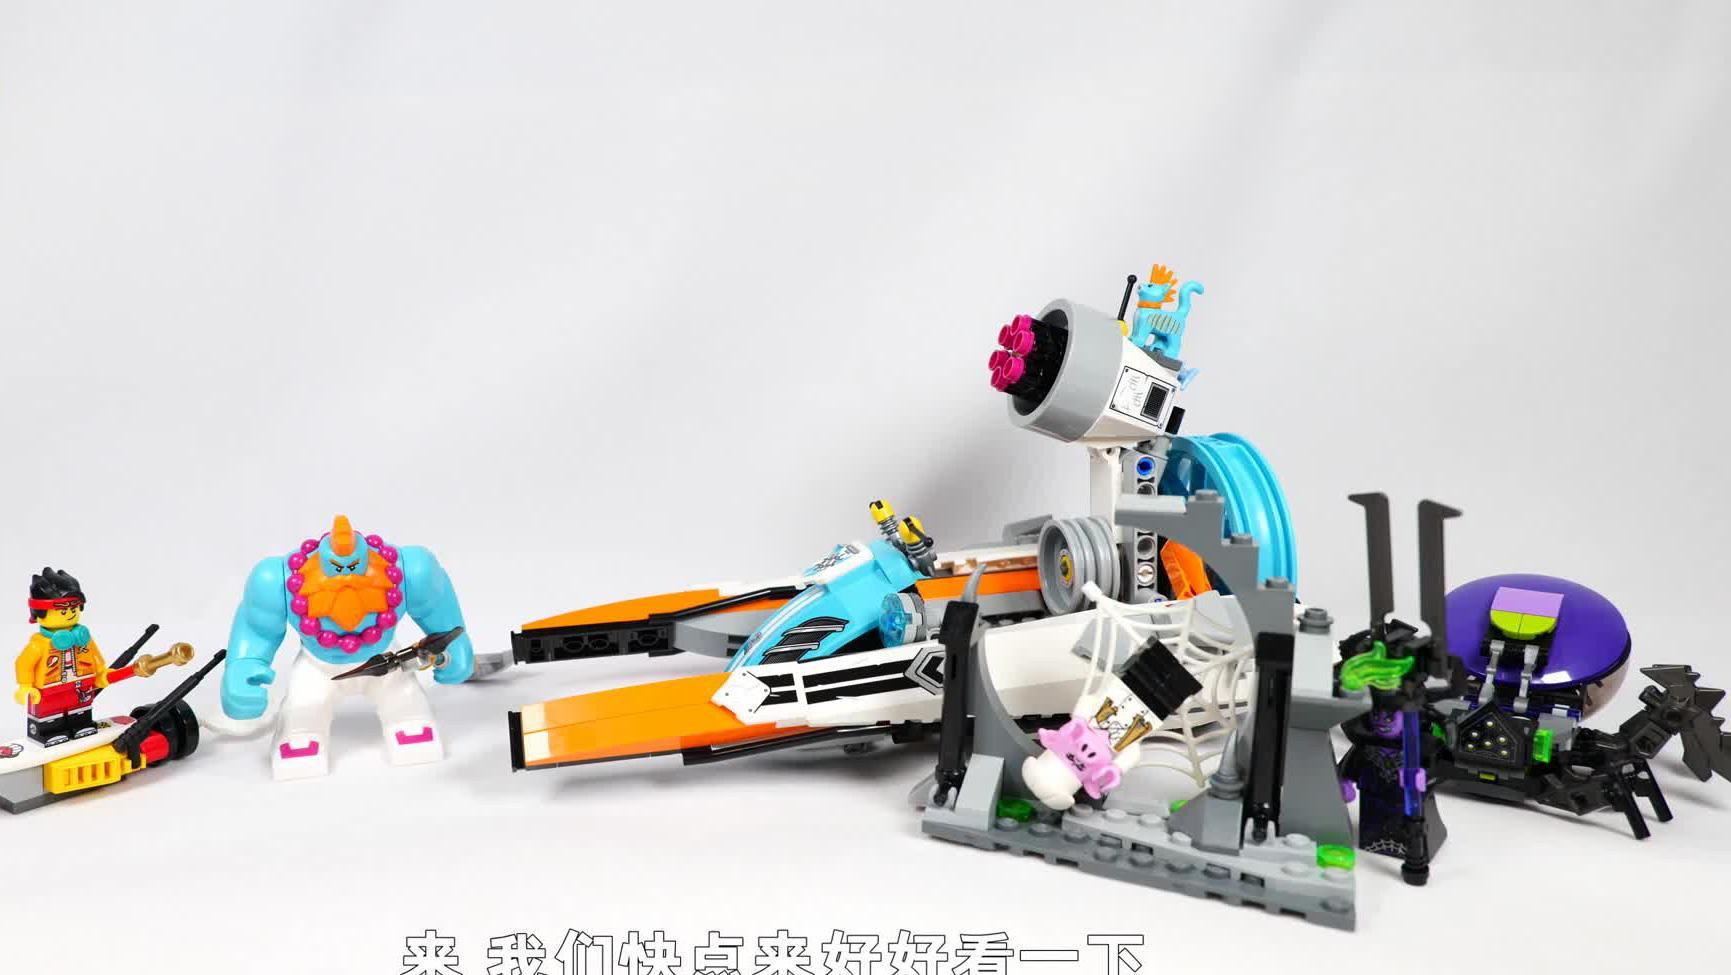 罕见的大人仔载具:开箱乐高悟空小侠80014沙大力迅雷战艇,真香